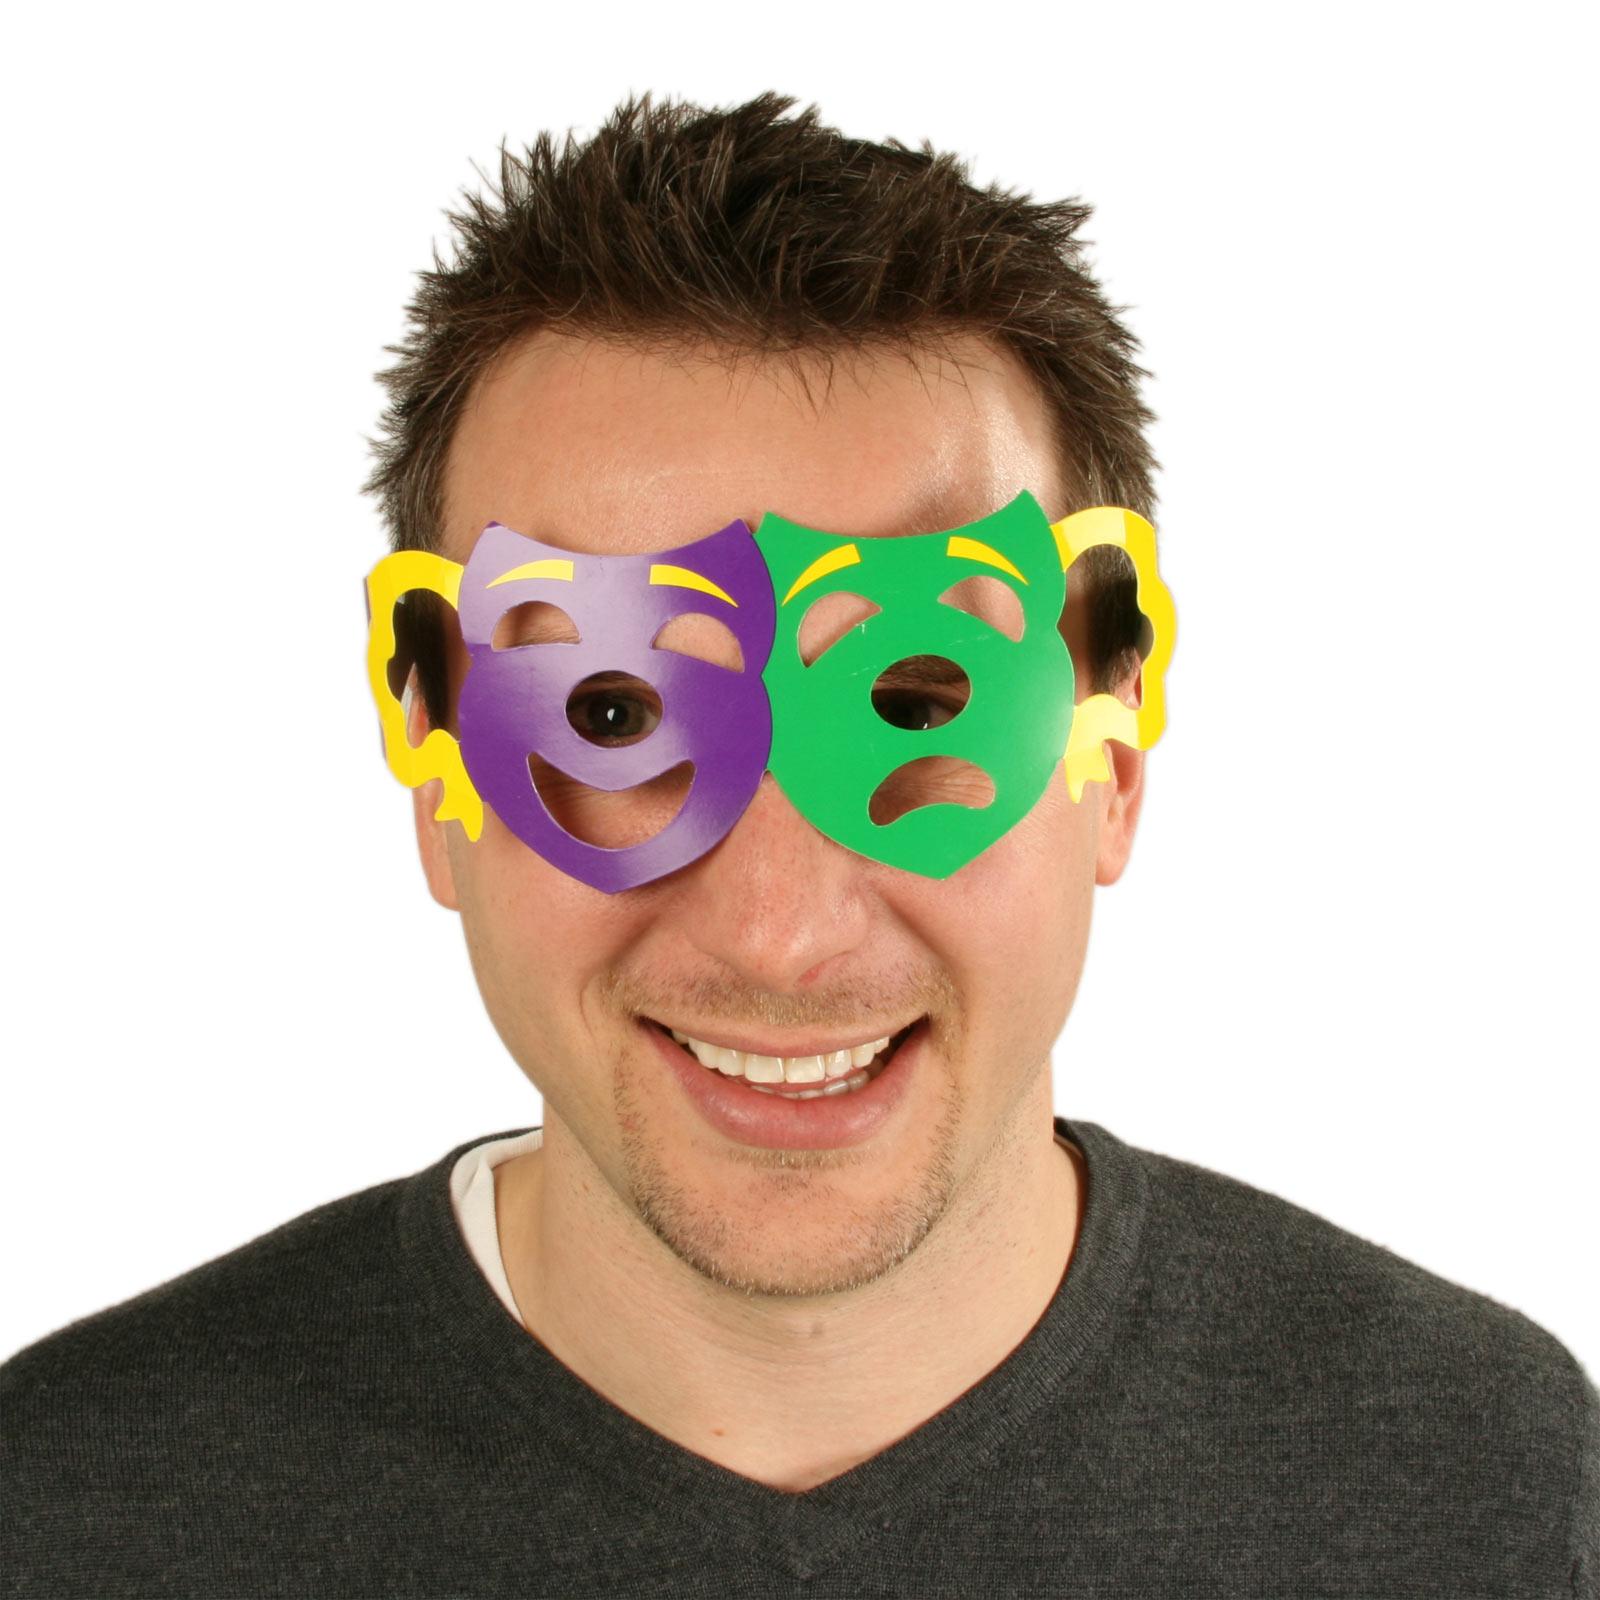 http://images.buycostumes.com/mgen/merchandiser/29902.jpg